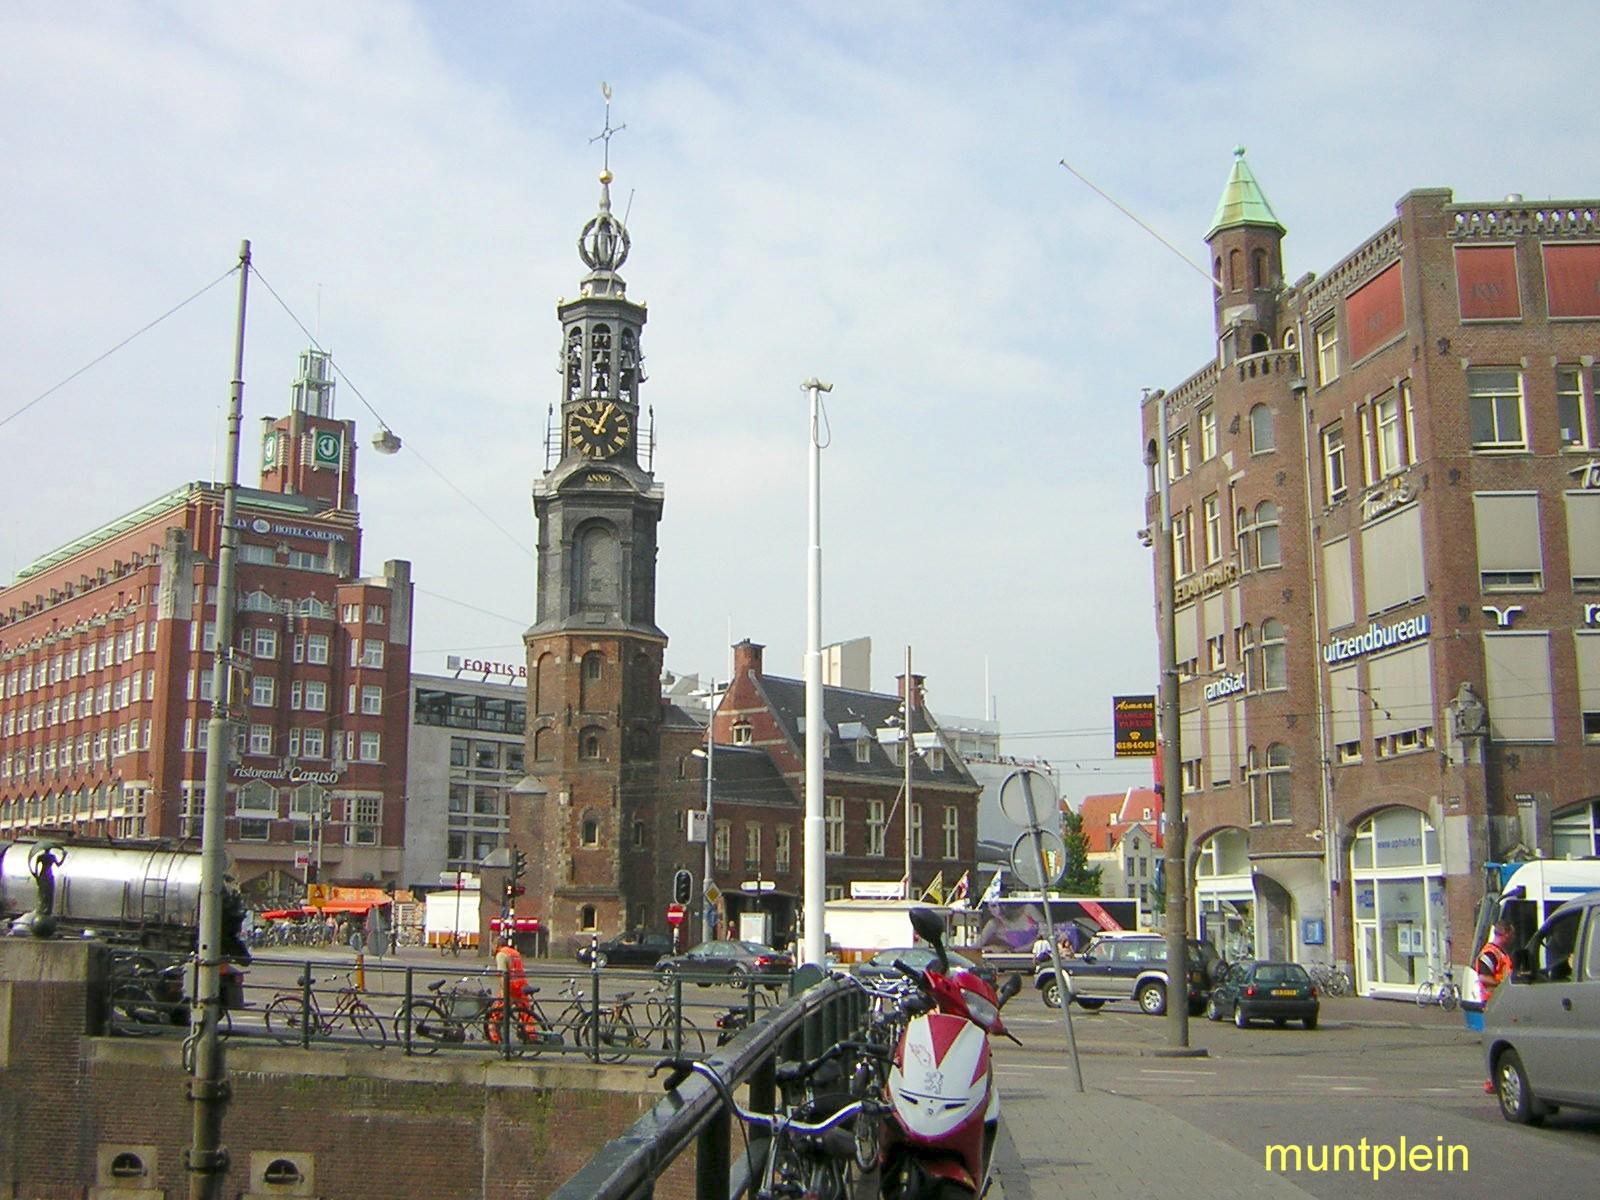 Muntplein | Amsterdamse Pleinen